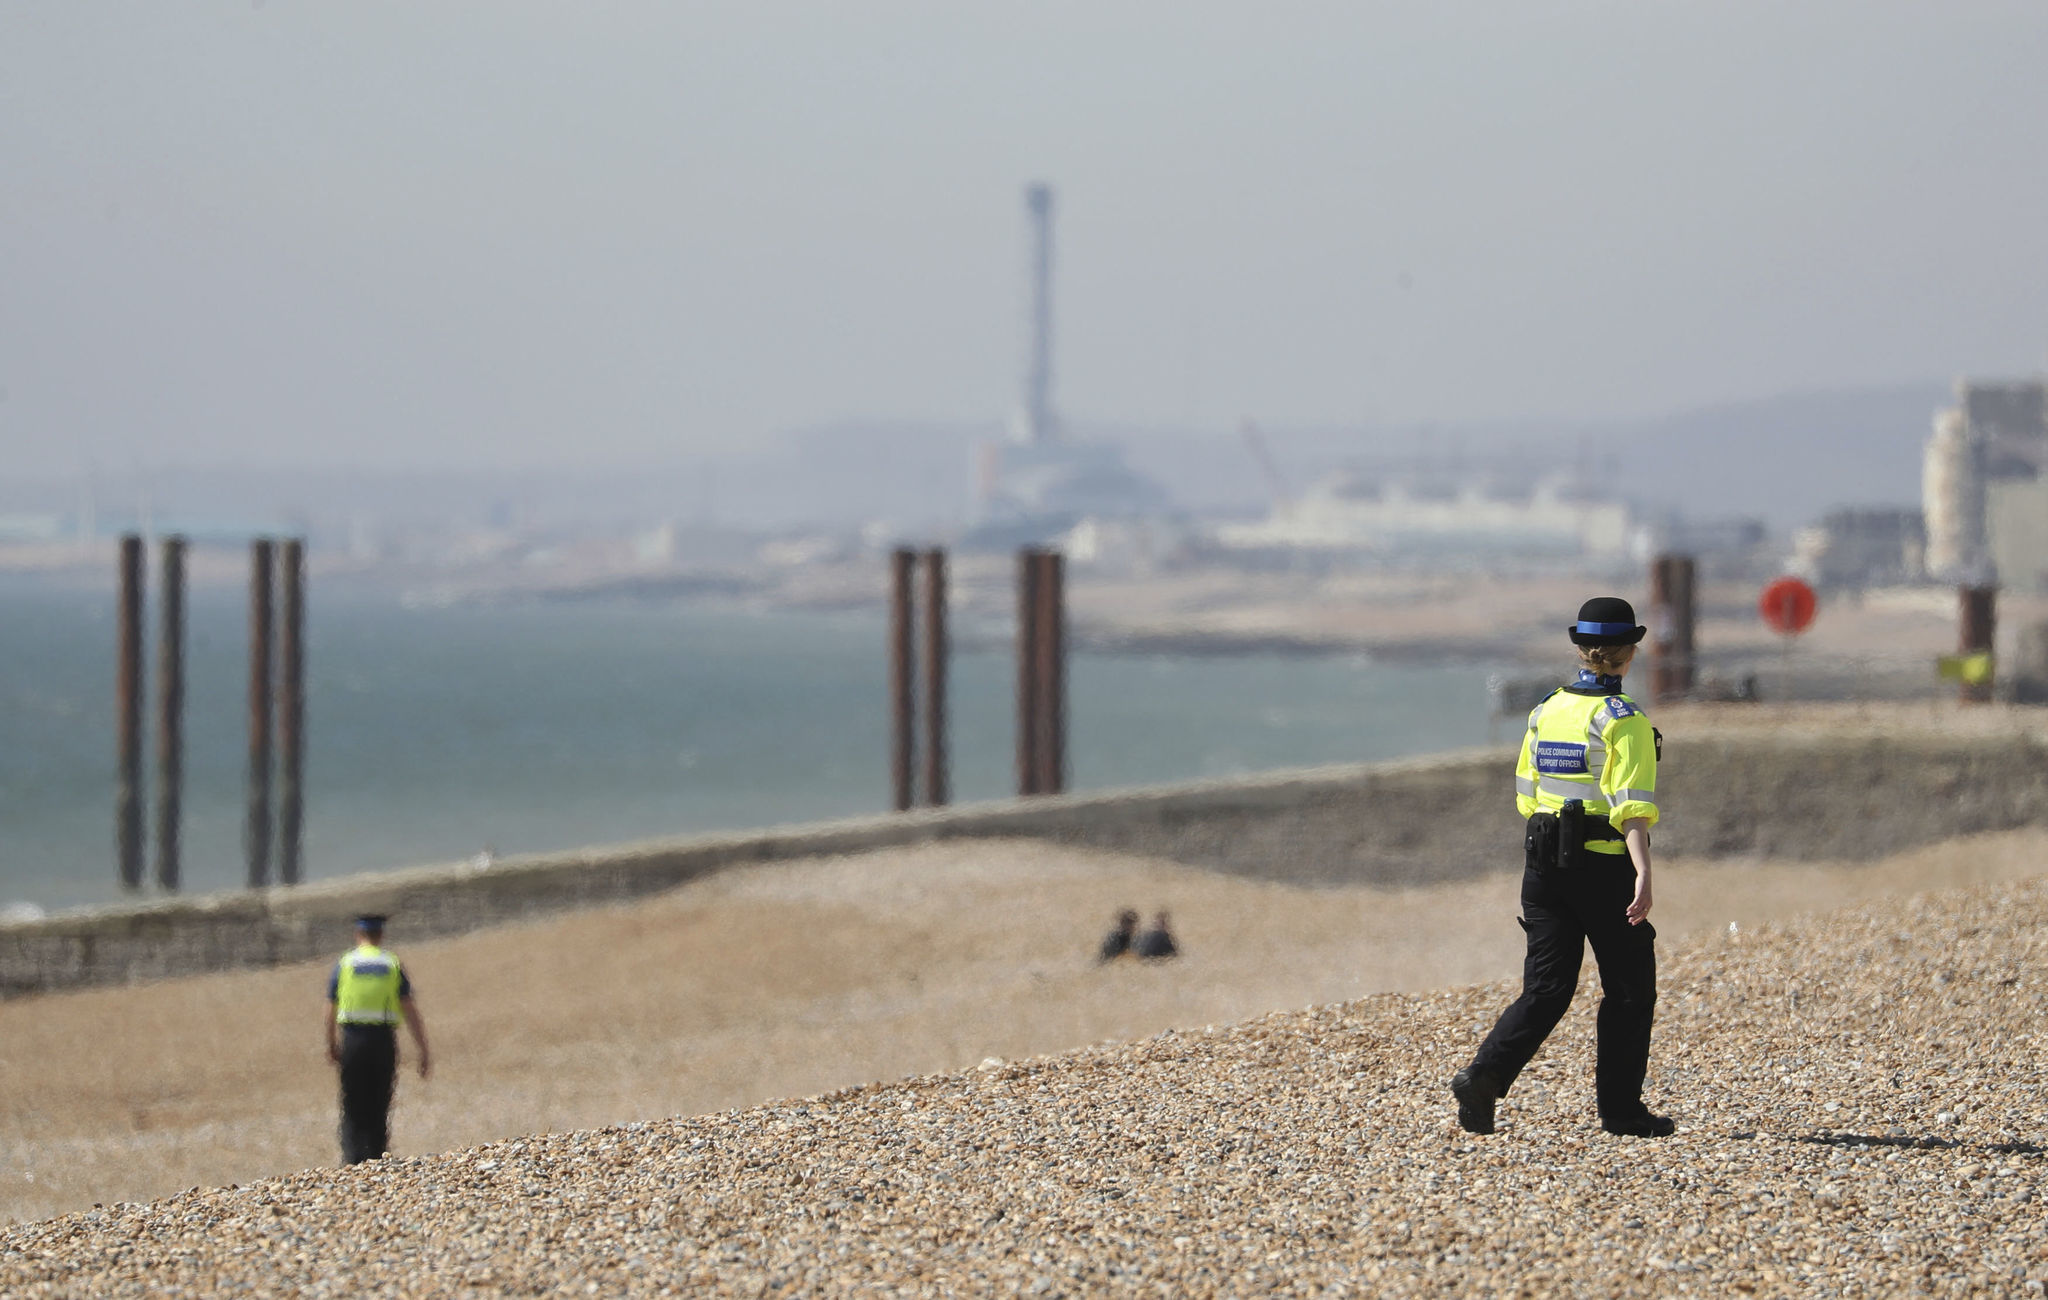 UK threatens to tighten coronavirus lockdown if people don't stop sunbathing